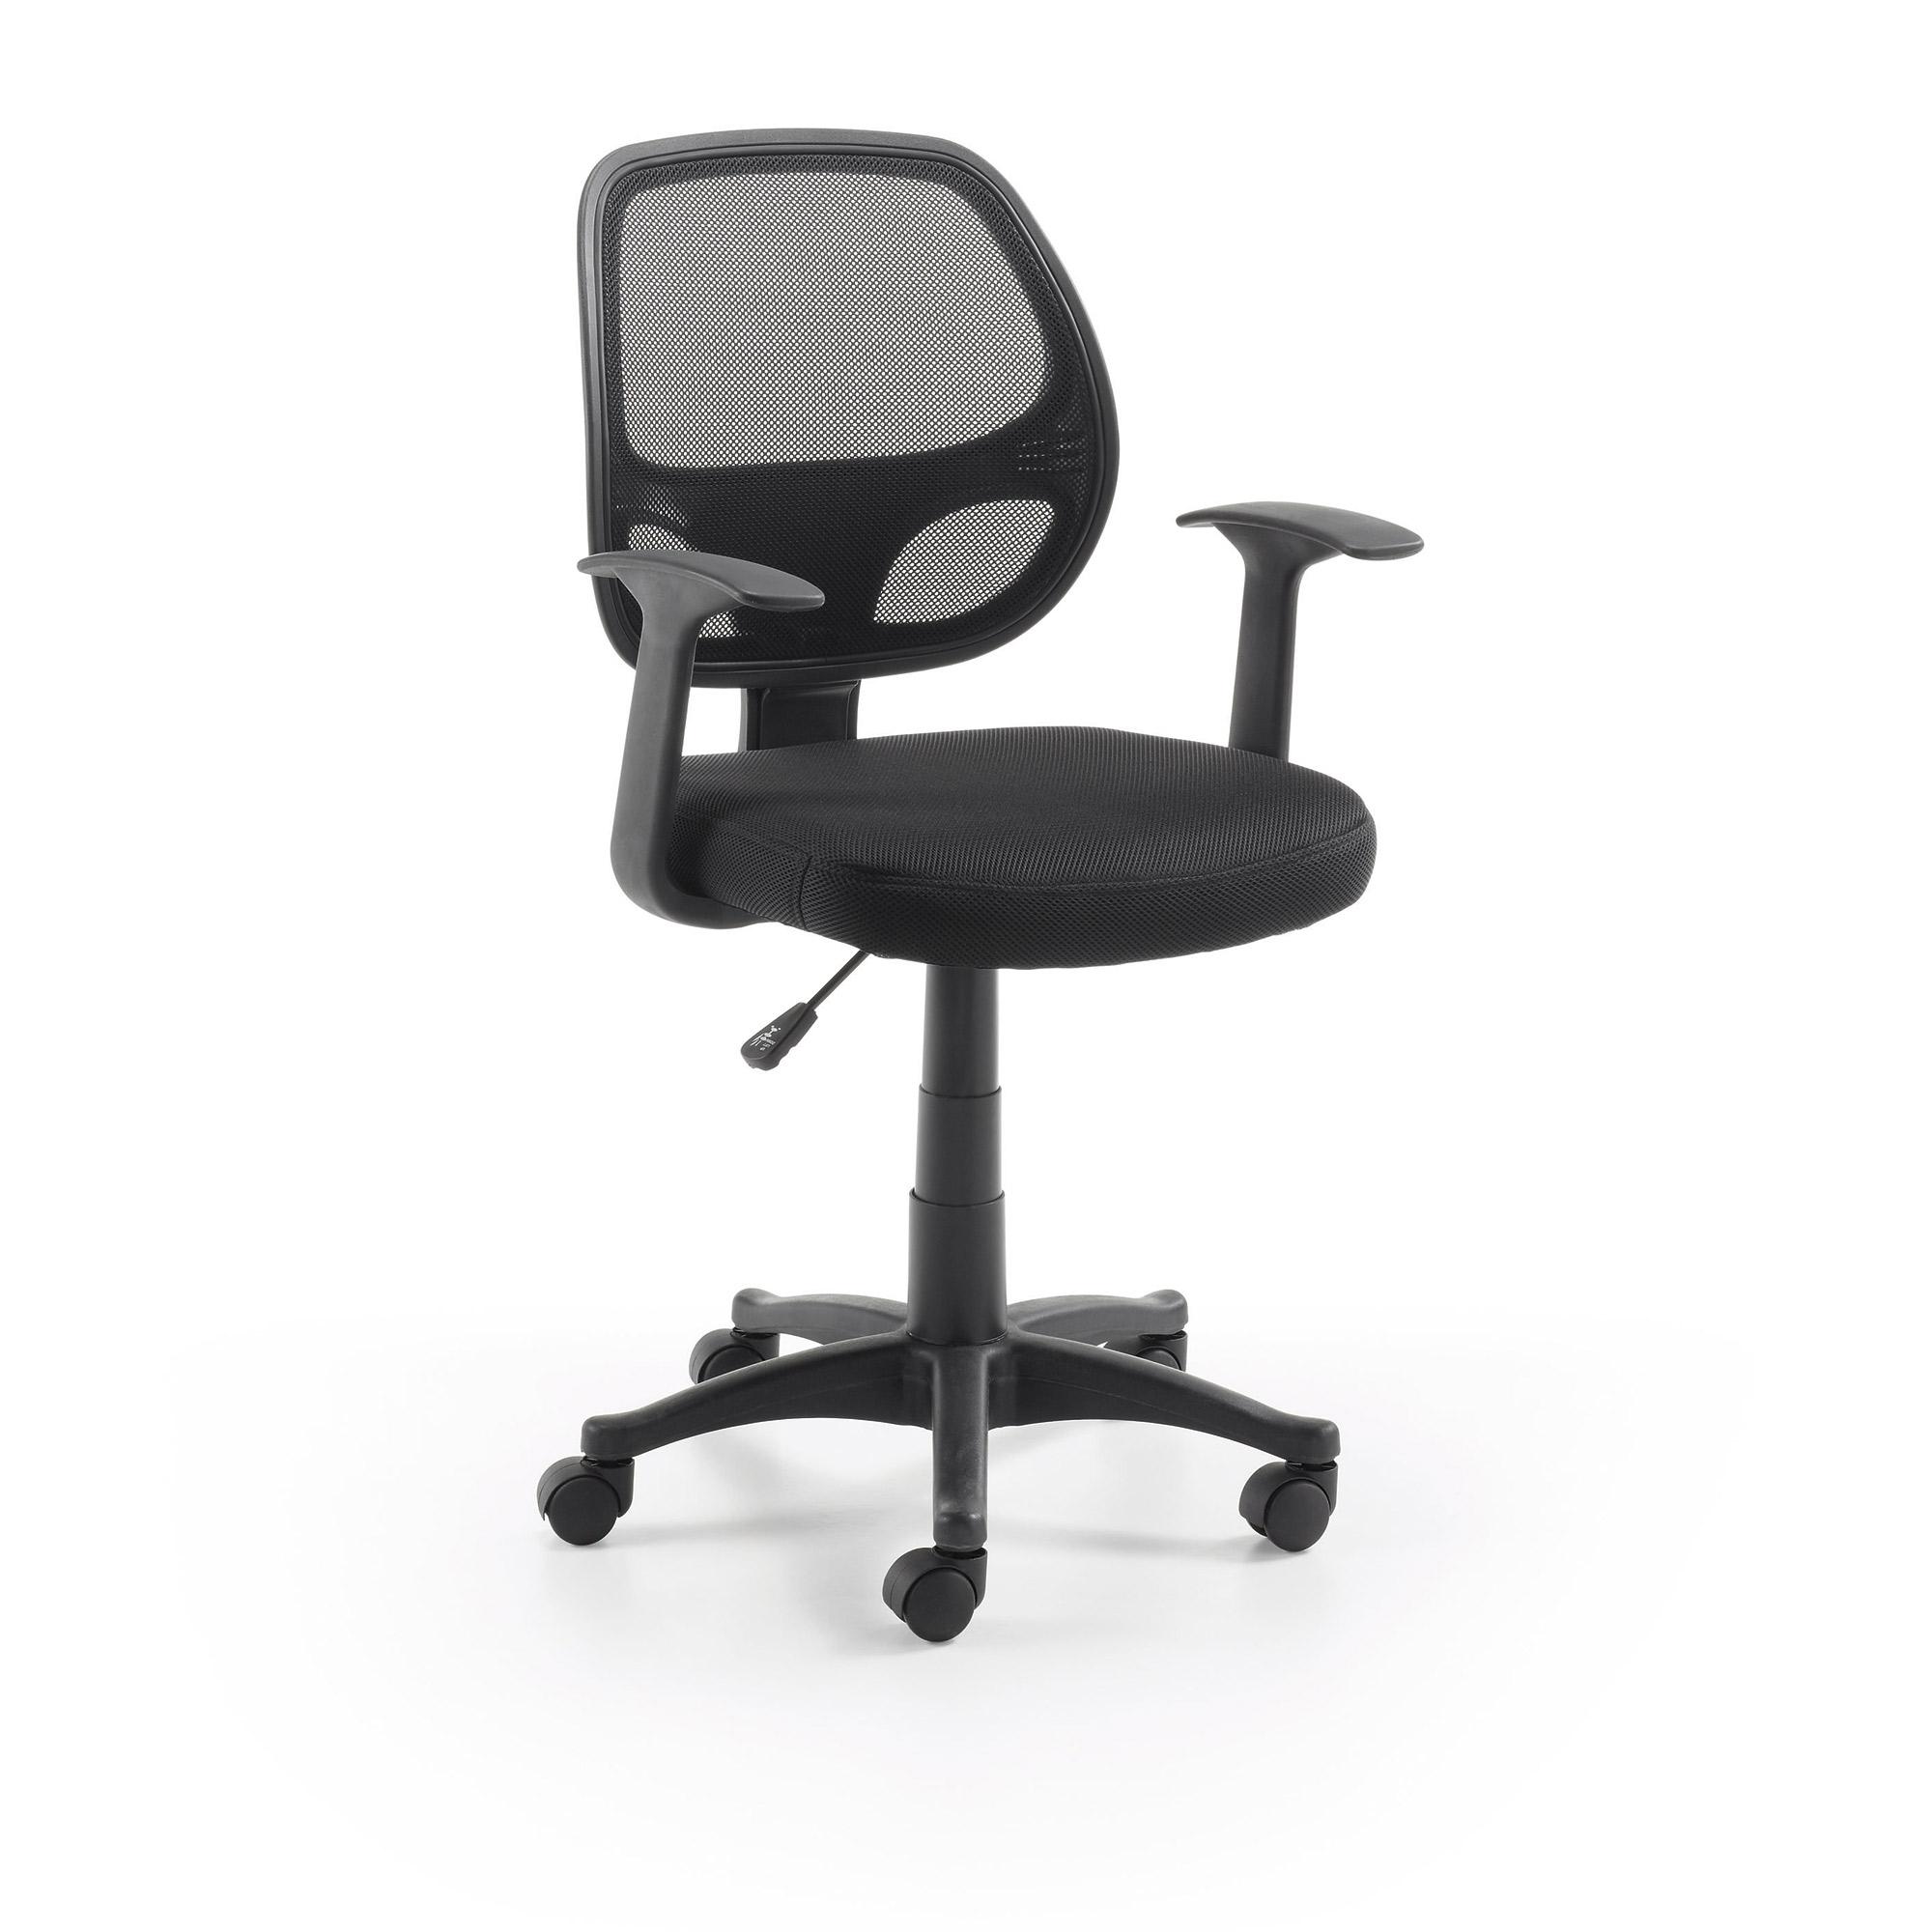 Silla despacho acta reclinable en - Silla oficina reclinable ...